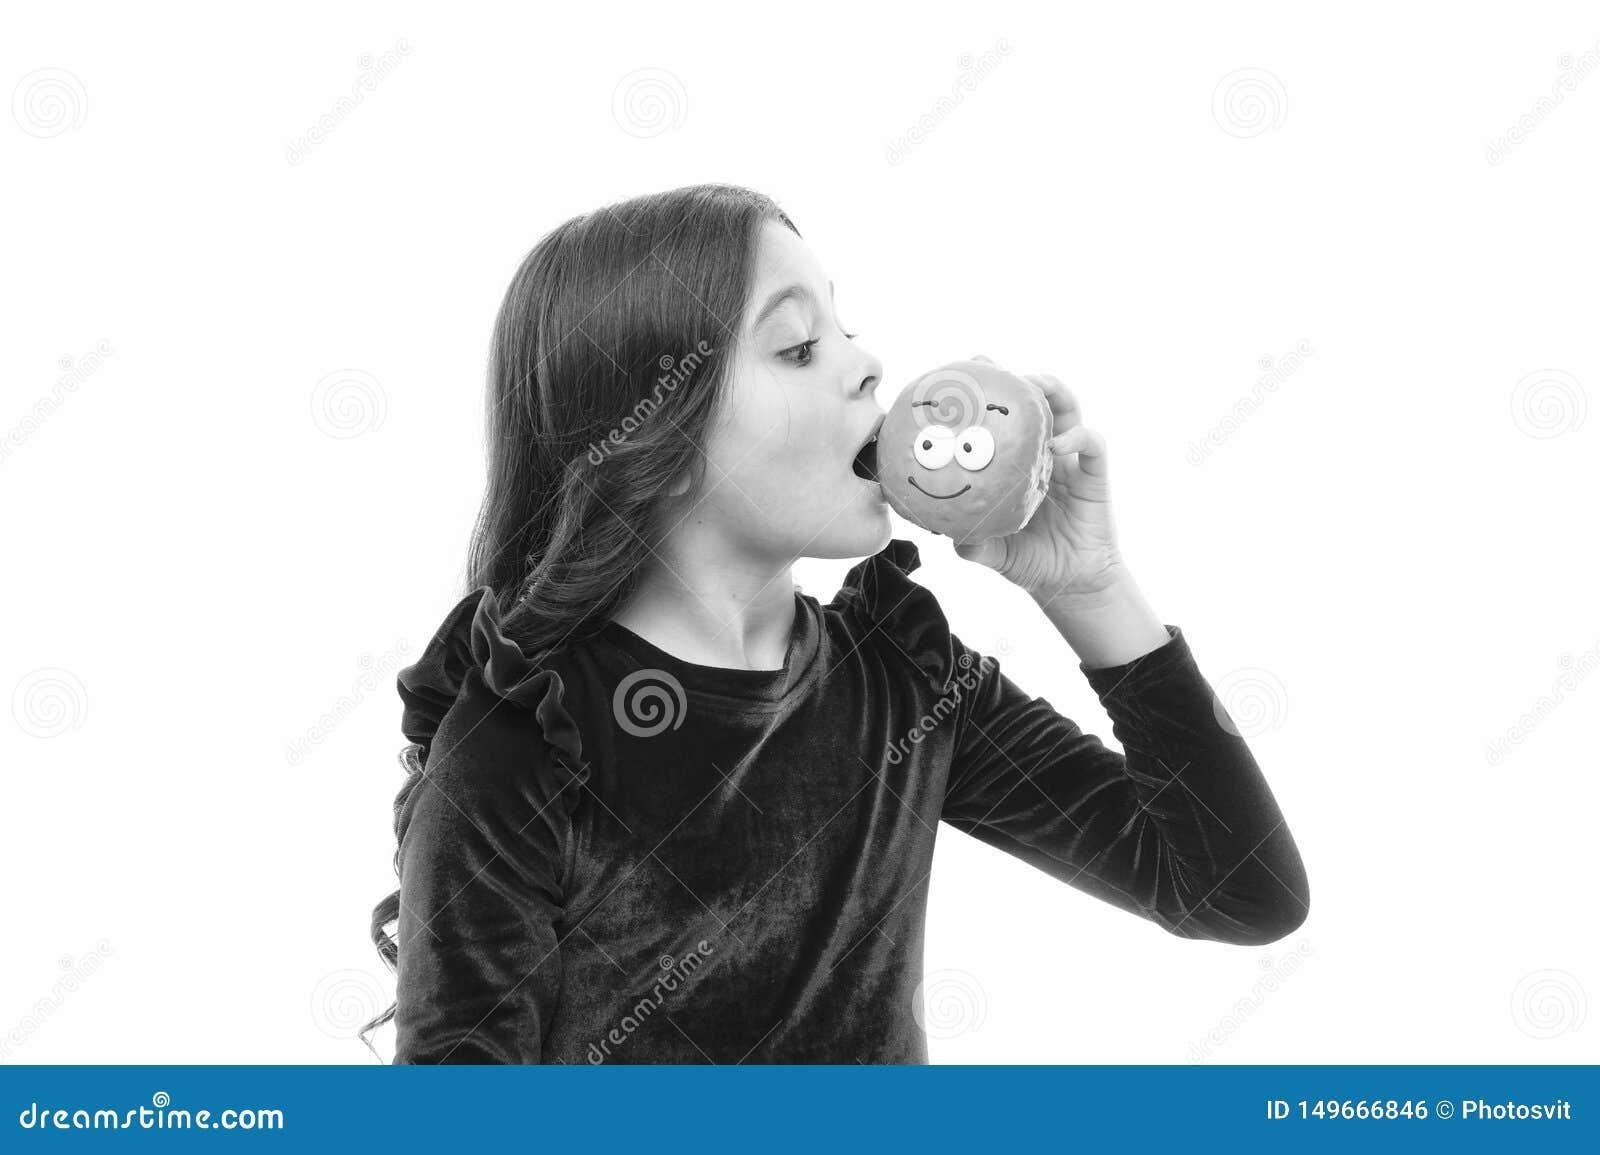 Le beignet deviennent si populaire Niveaux de sucre et nutrition saine Enfance heureux et festins doux Beignet cassant le r?gime